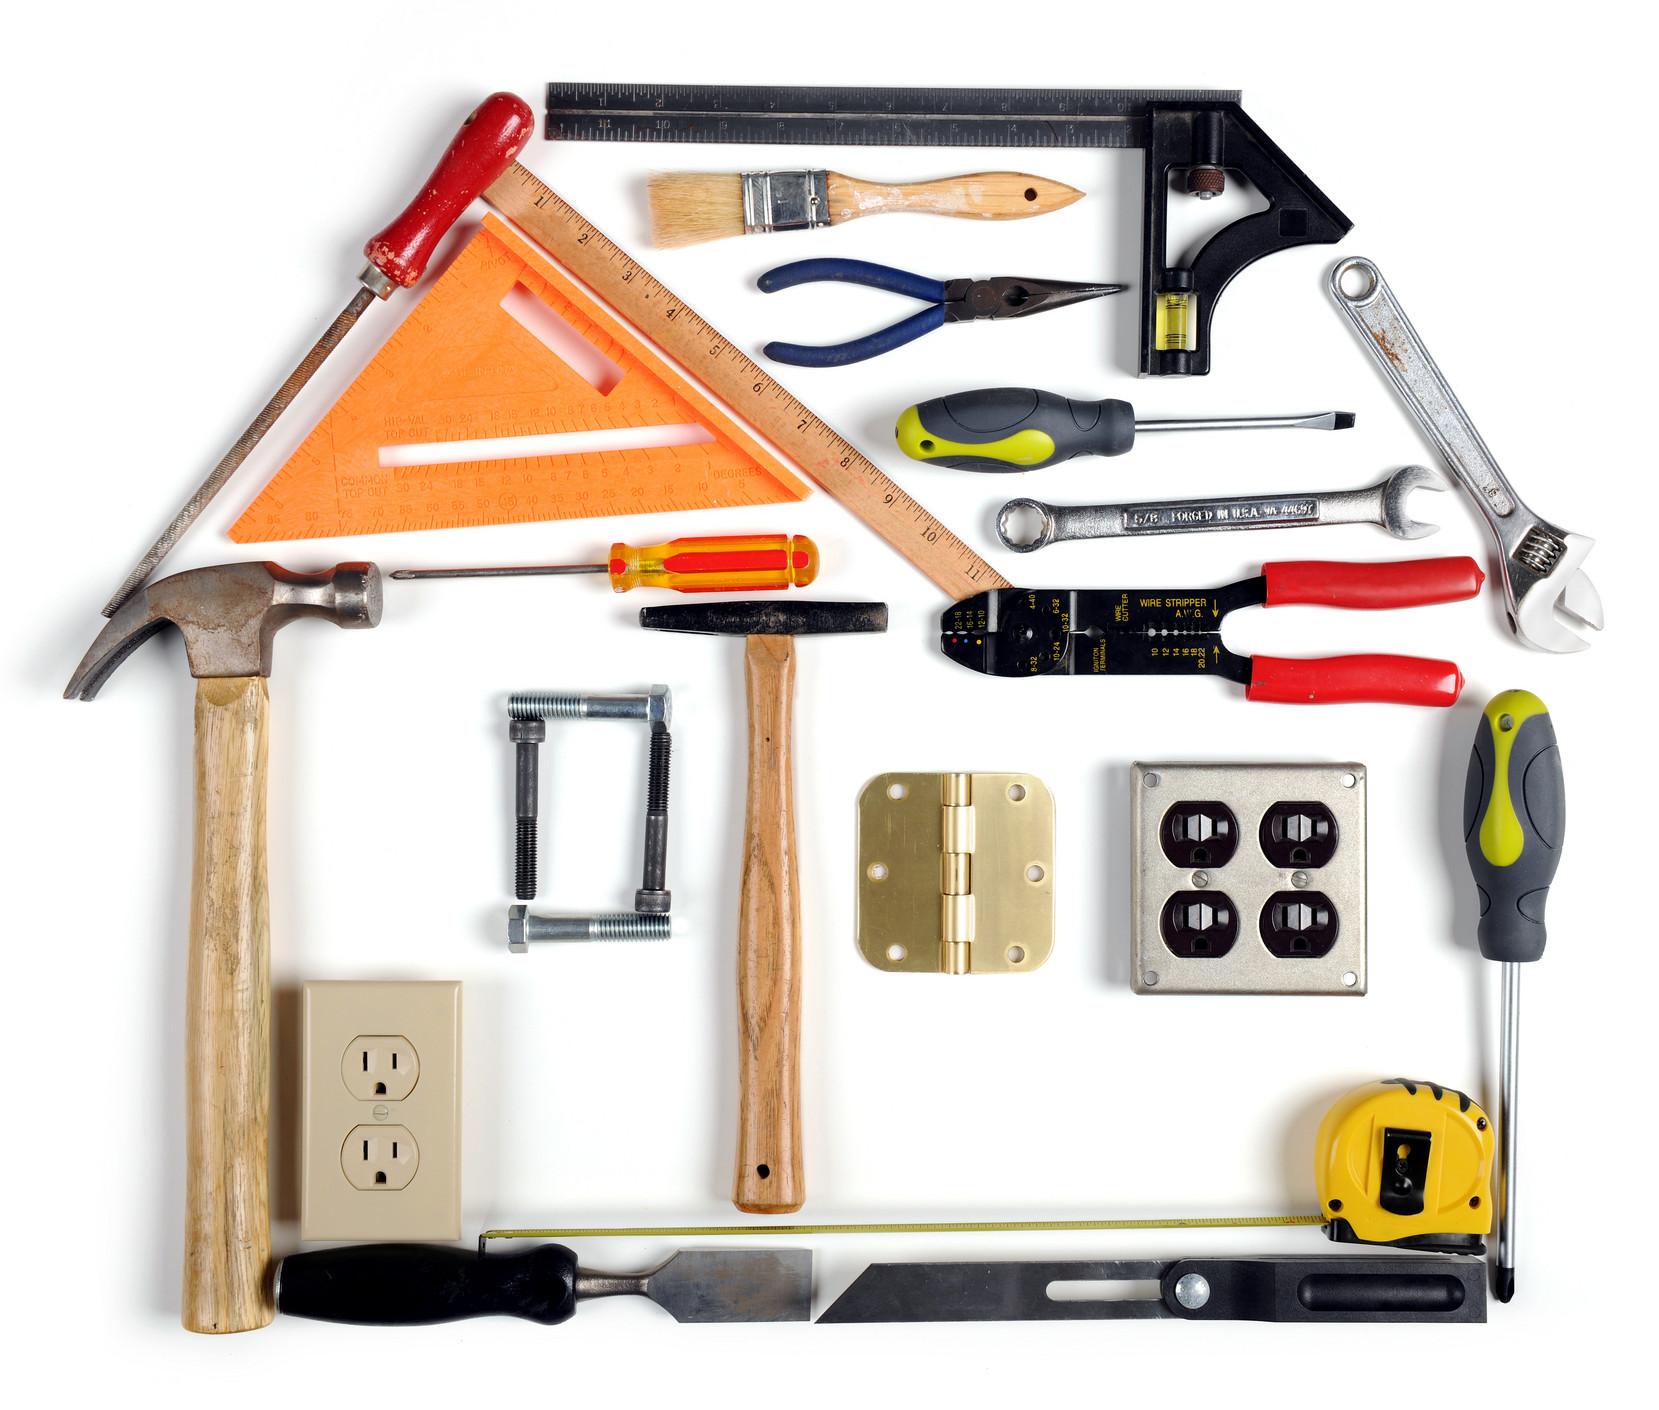 gift idea for home renovations-tools image-quinju.com